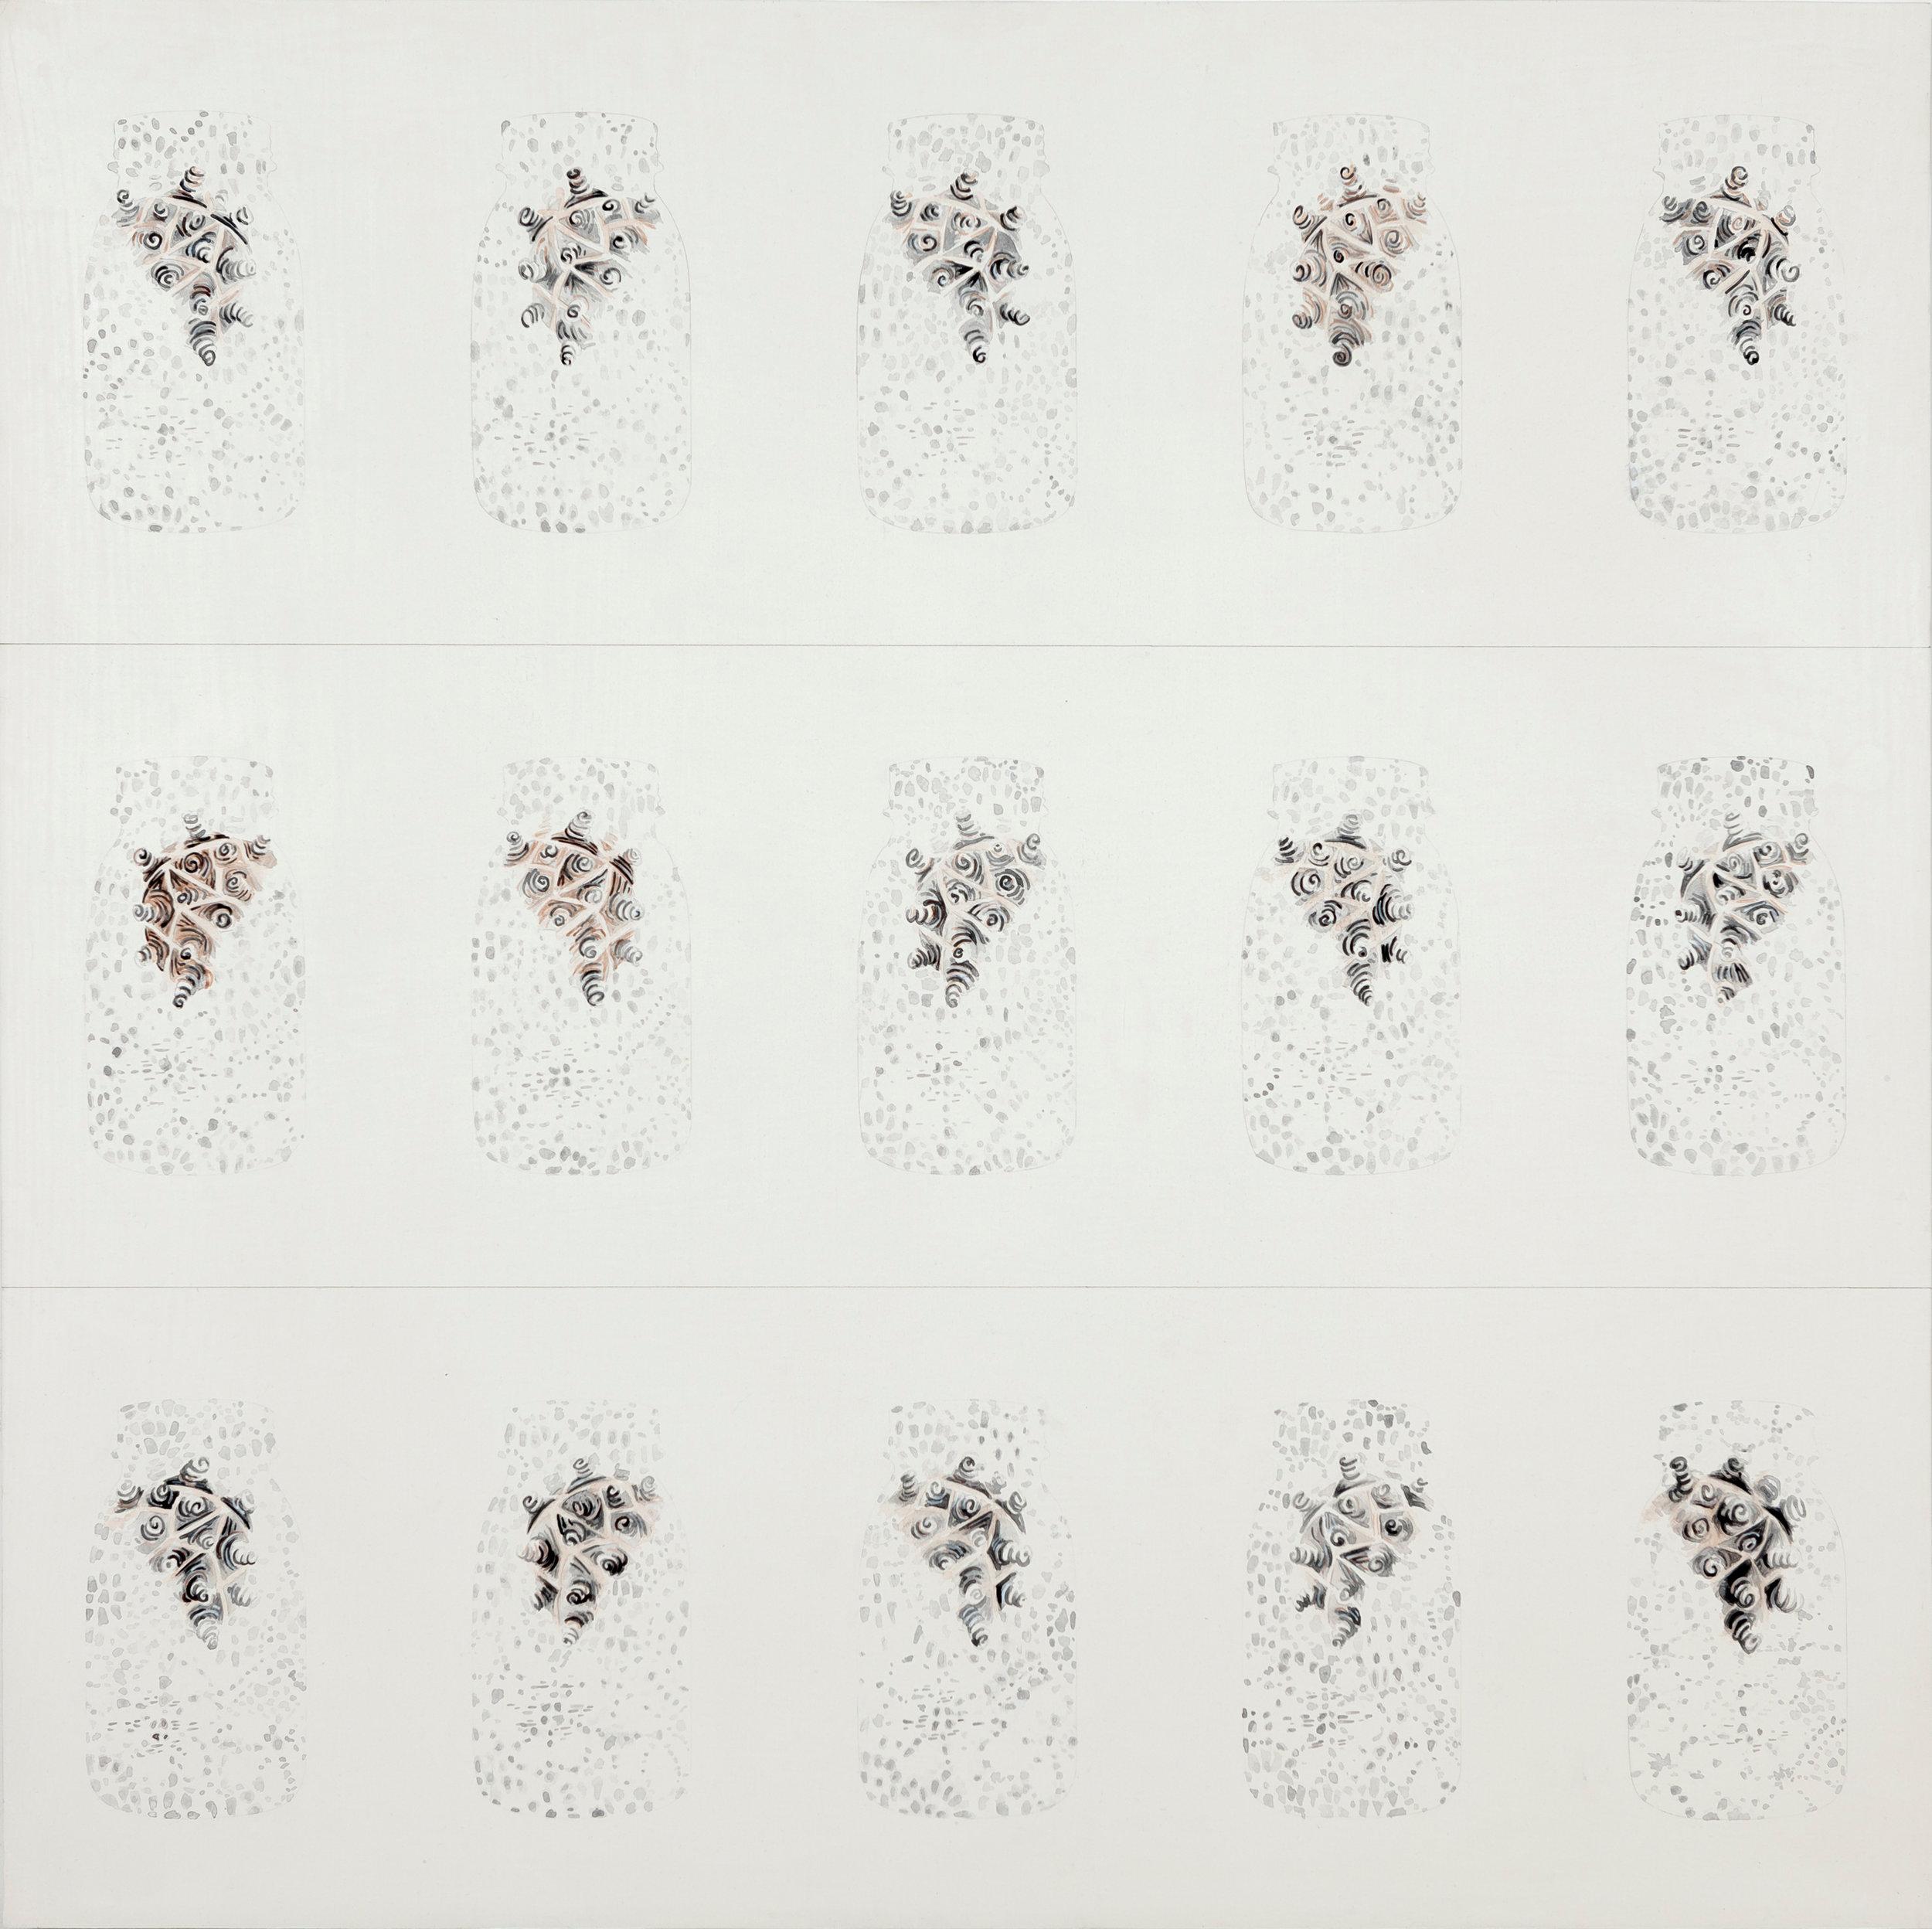 mattoon 14, 2014  gouache, ink, graphite, absorbent ground on birch  36 x 36 inches